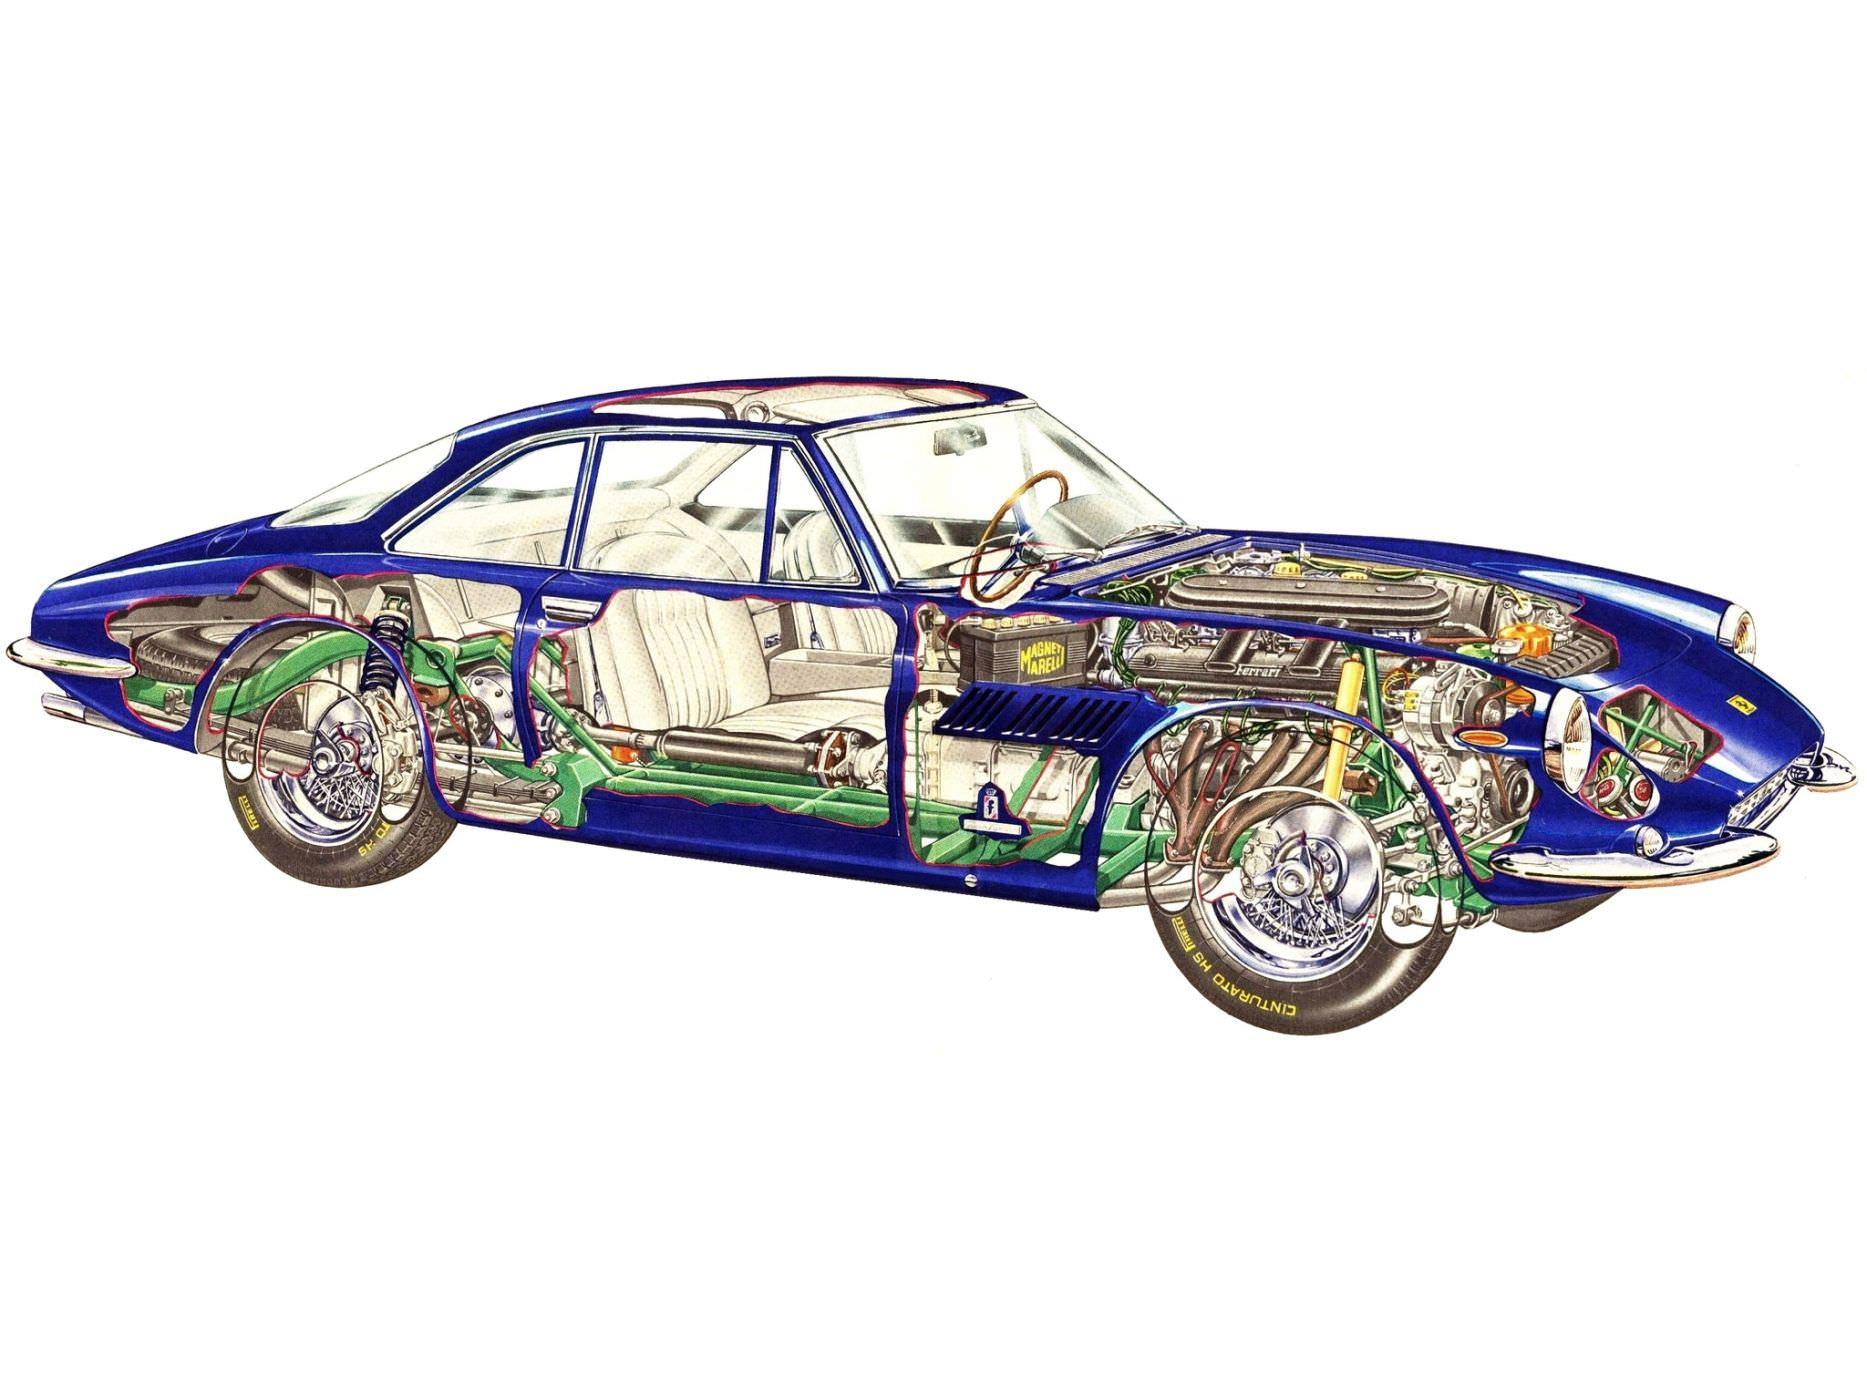 Ferrari 500 Superfast cutaway